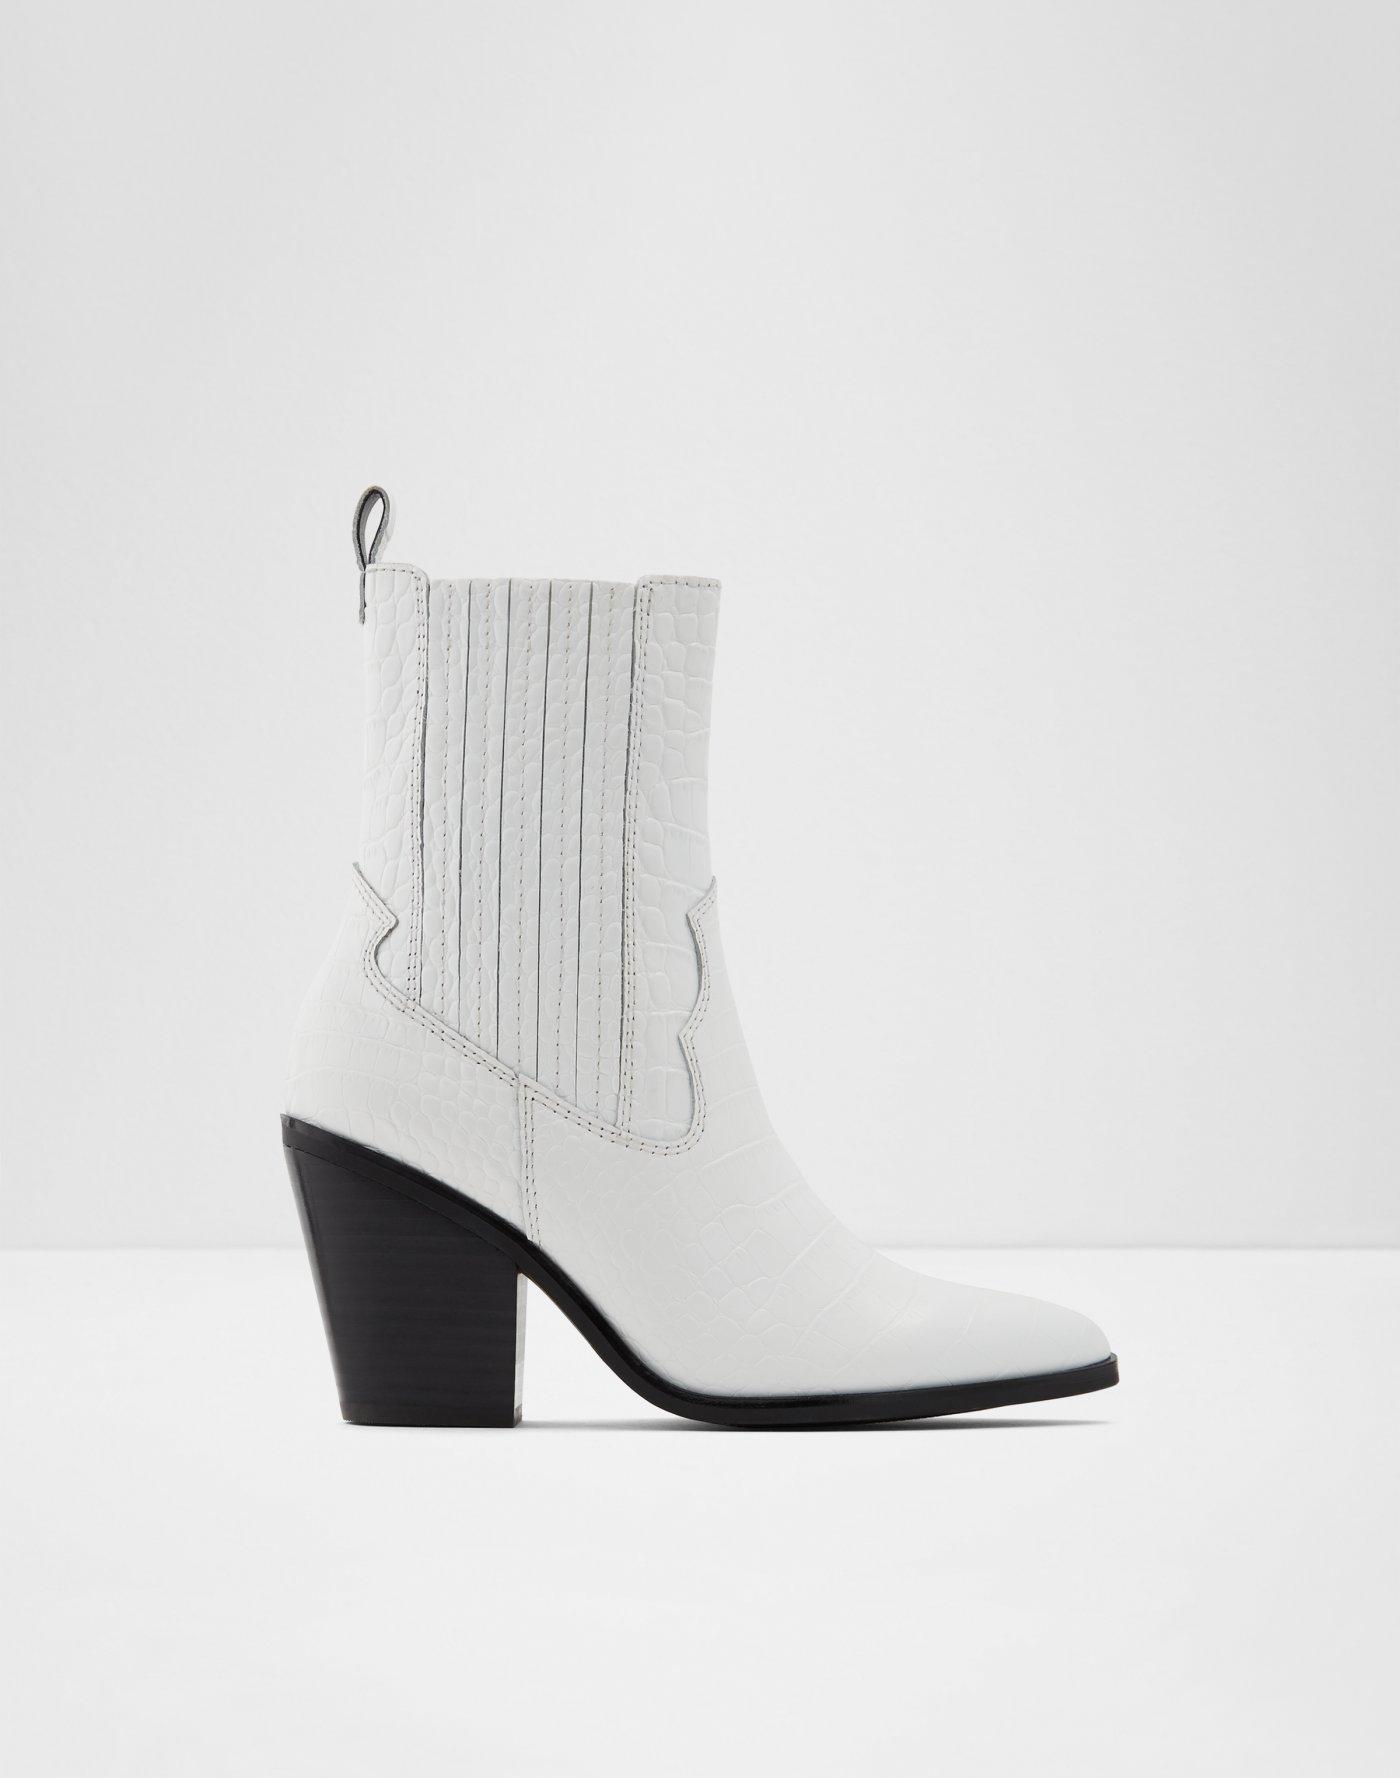 a9385a1c613 Ankle boots | Aldoshoes.com US